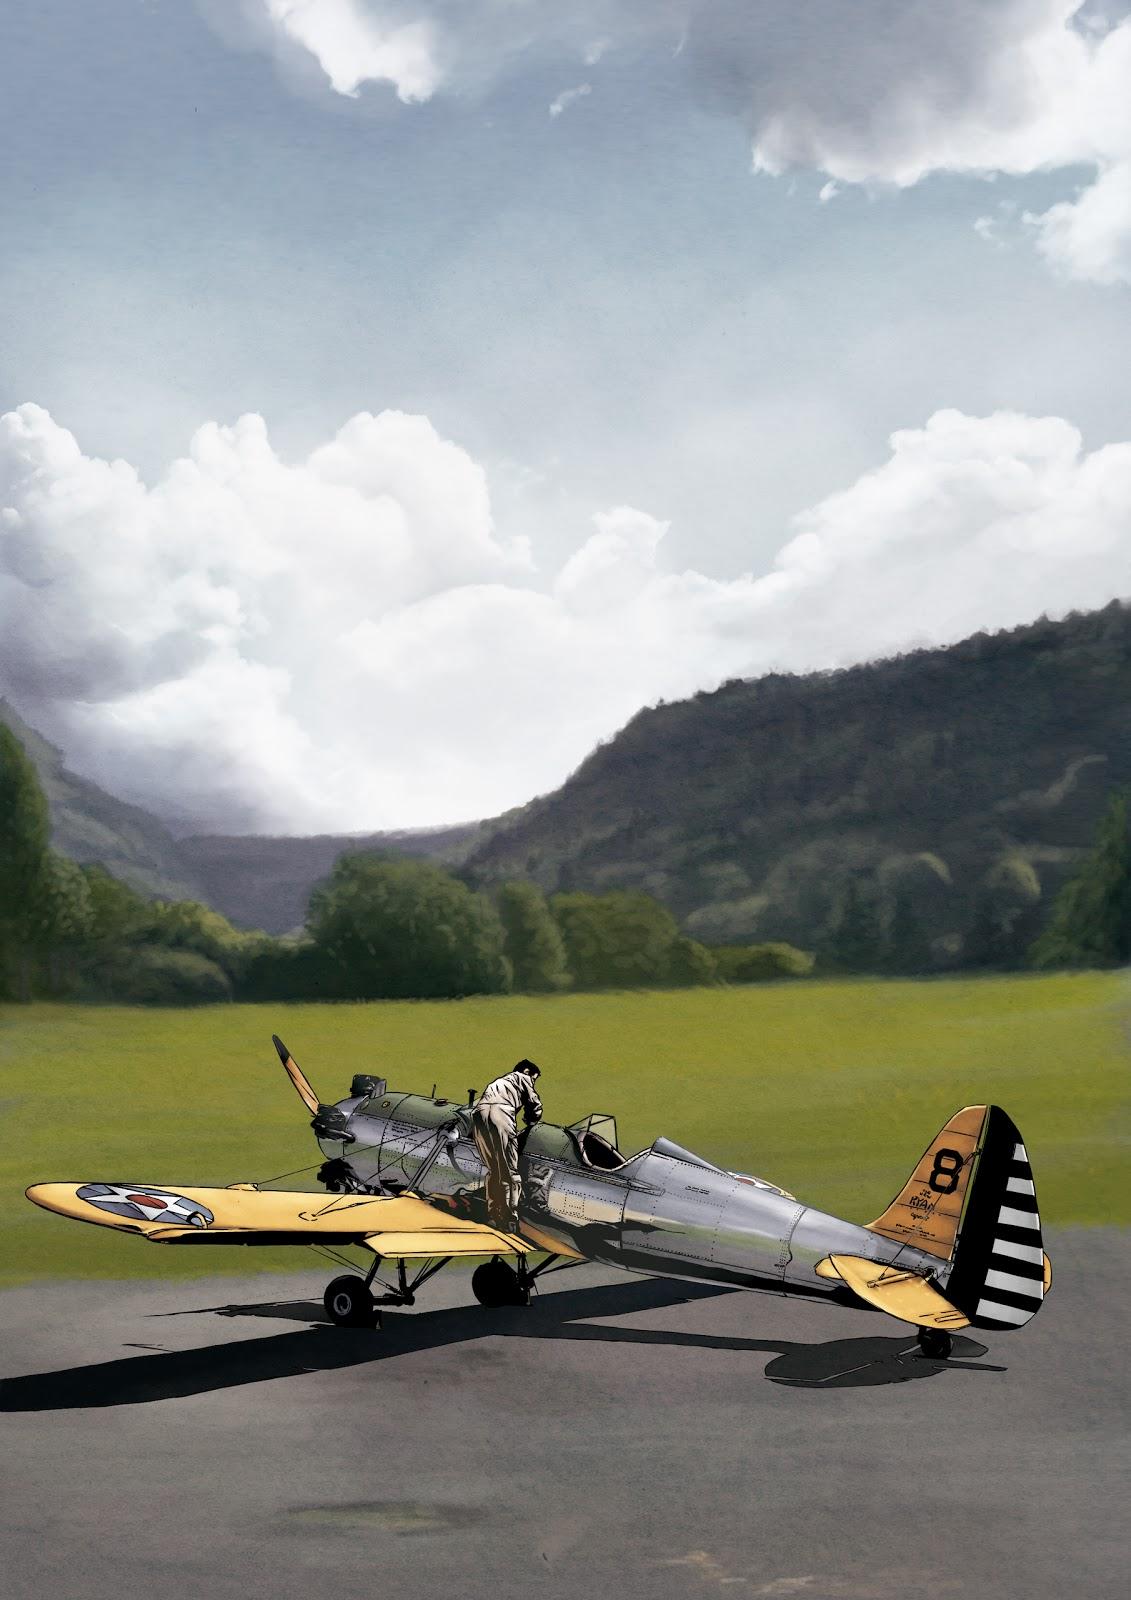 http://2.bp.blogspot.com/-1_AeeafI8yU/T9s4-iFklQI/AAAAAAAAAus/MzwR7ZnK2oo/s1600/+avions+brillant+300dpi.jpg